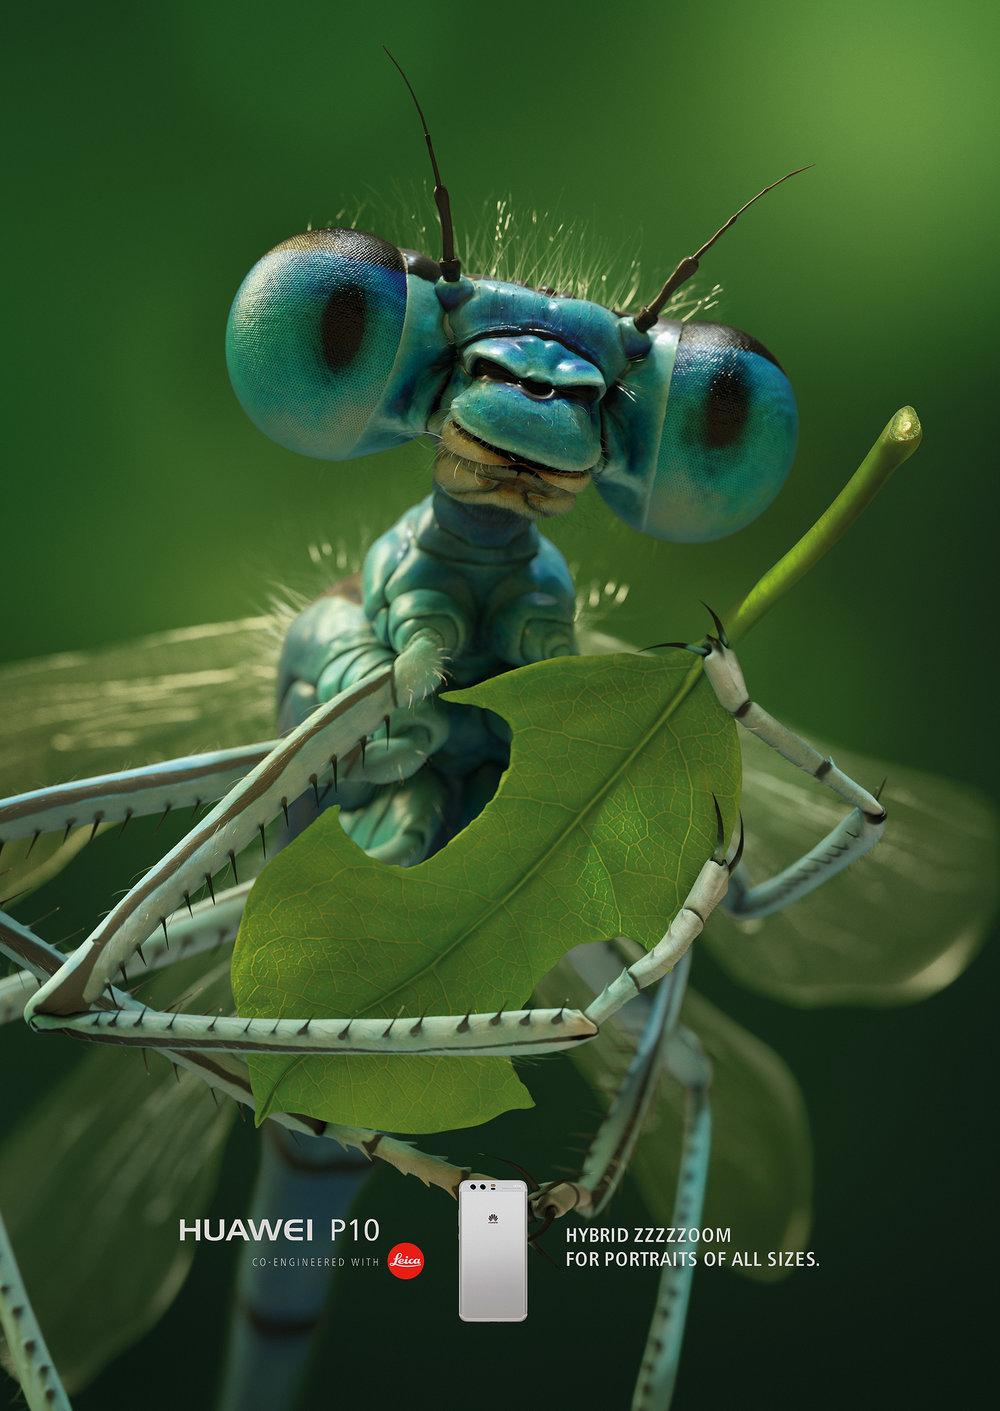 B_HuaweiP10_Dragonfly_Srgb.jpg